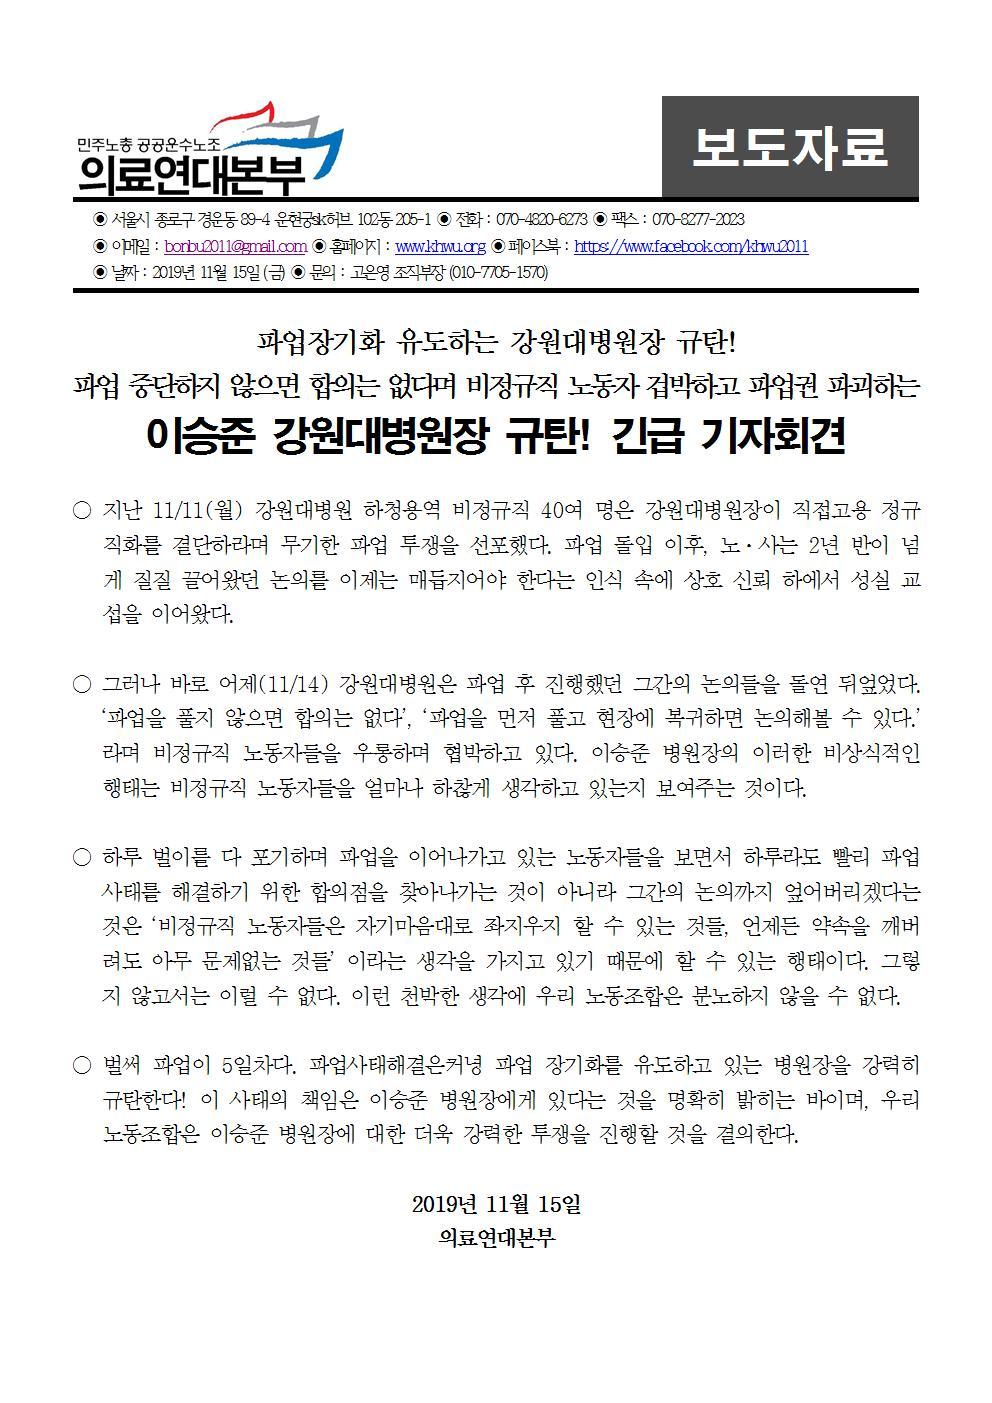 191115_[보도자료]강대병원규탄 긴급기자회견001.jpg